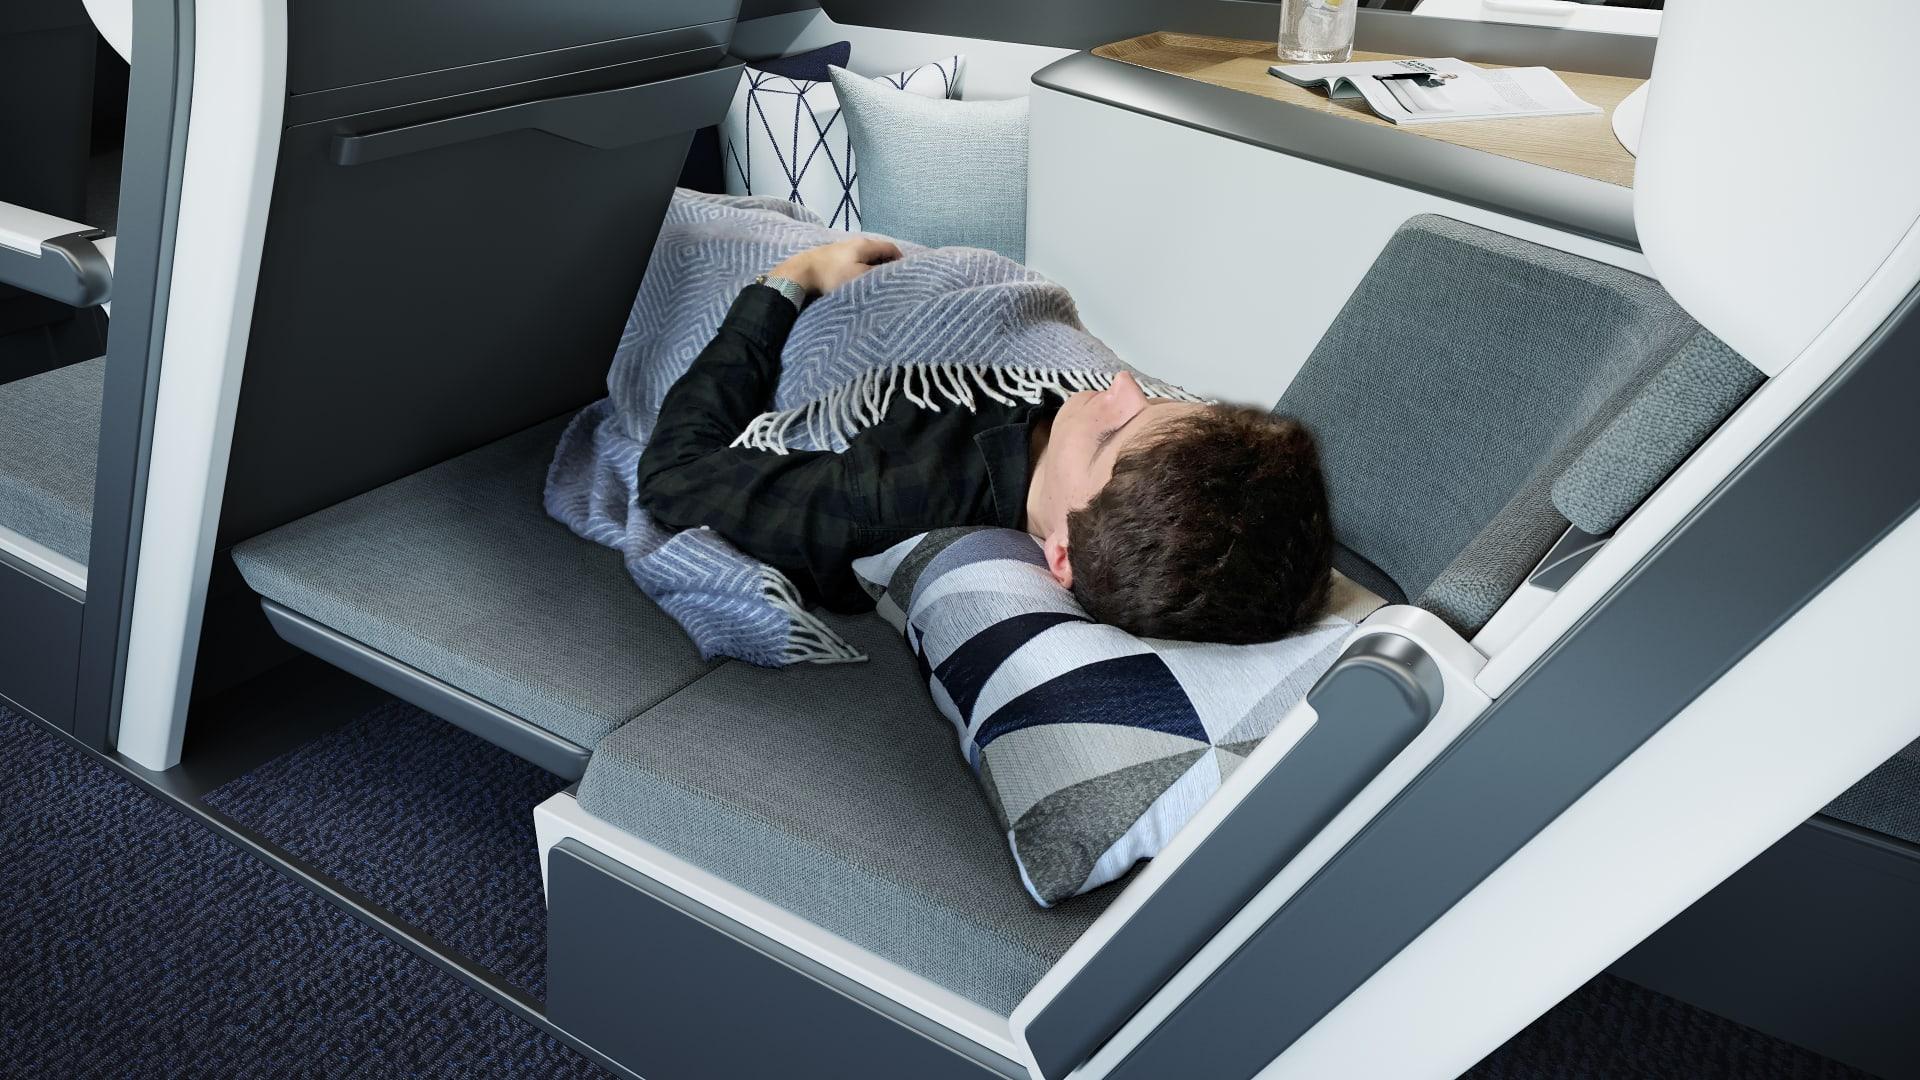 في عصر فيروس كورونا..هل يغير مفهوم المقاعد ذات الطابقين مستقبل الطيران؟